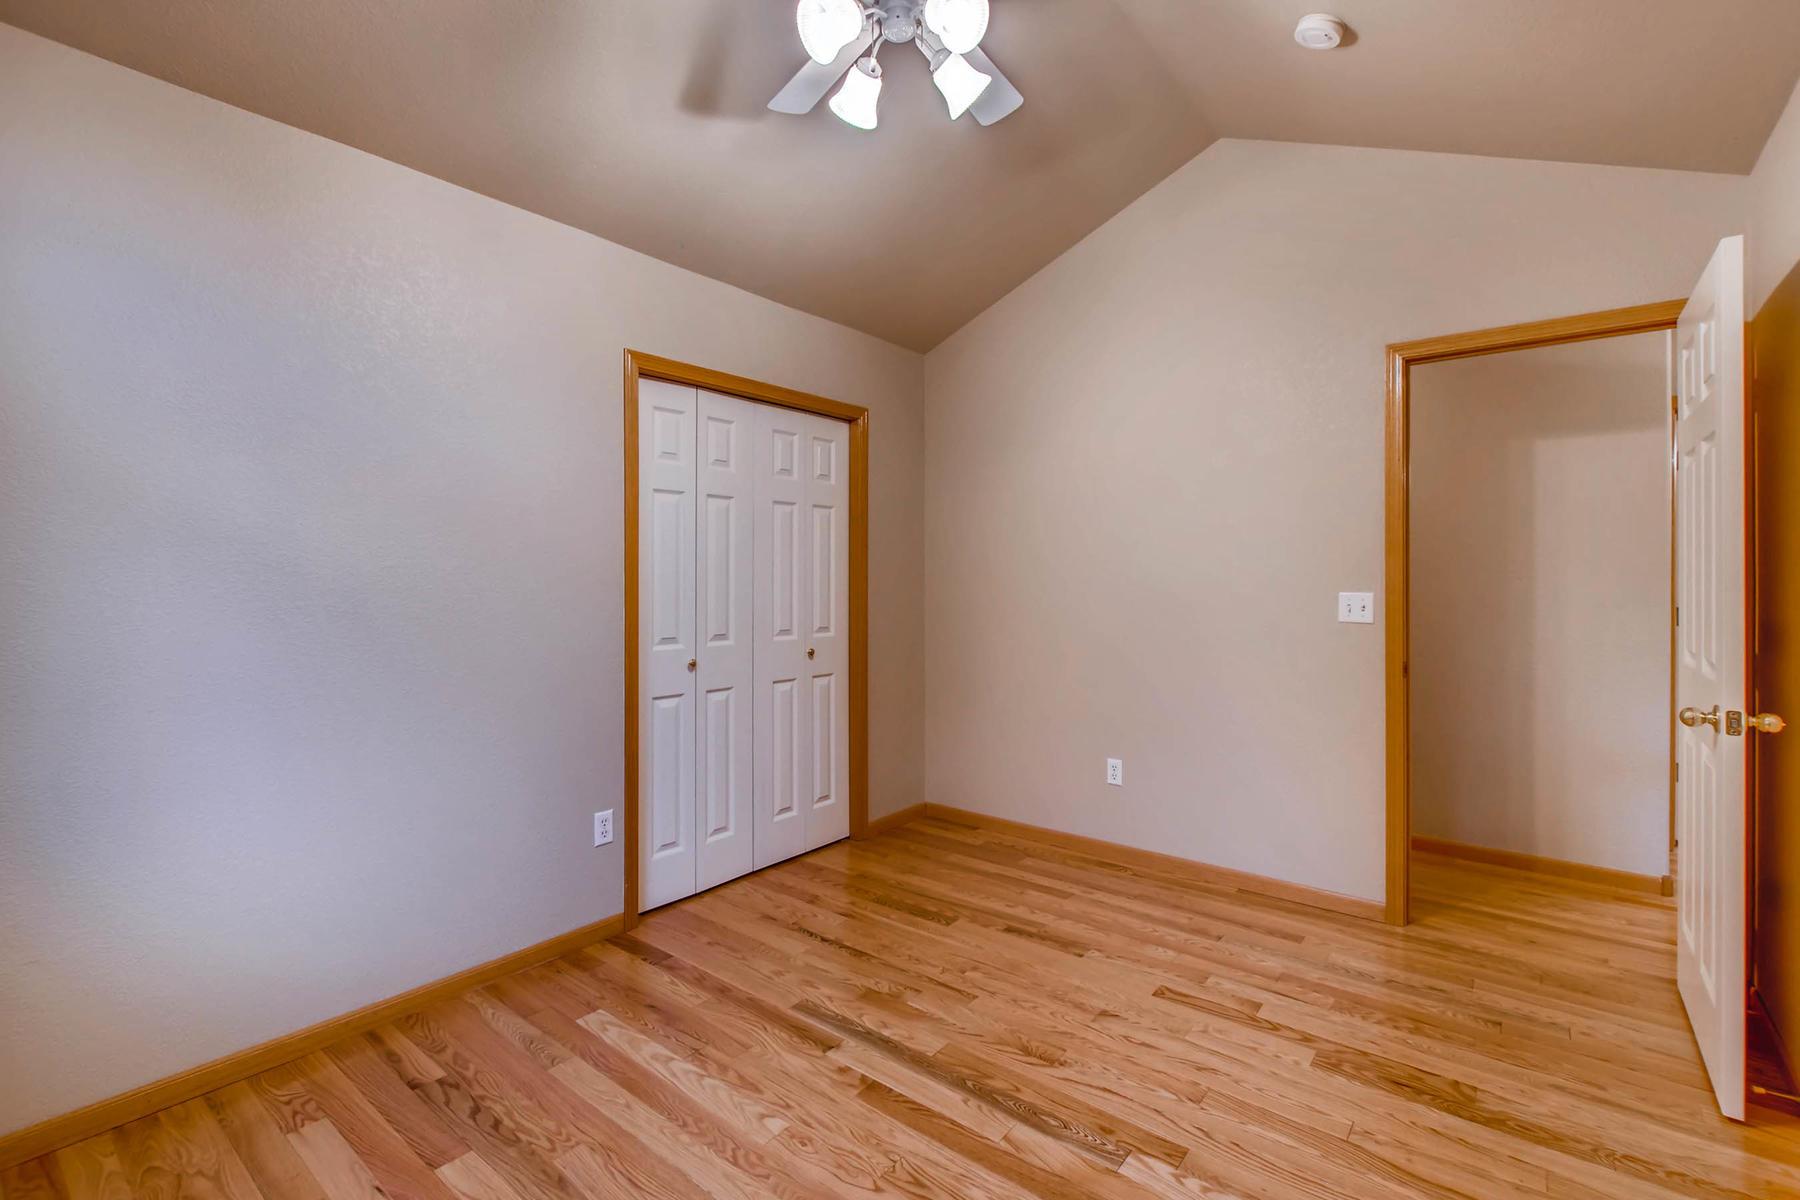 1694 Seven Lakes Dr Loveland-MLS_Size-025-4-2nd Floor Bedroom-1800x1200-72dpi.jpg